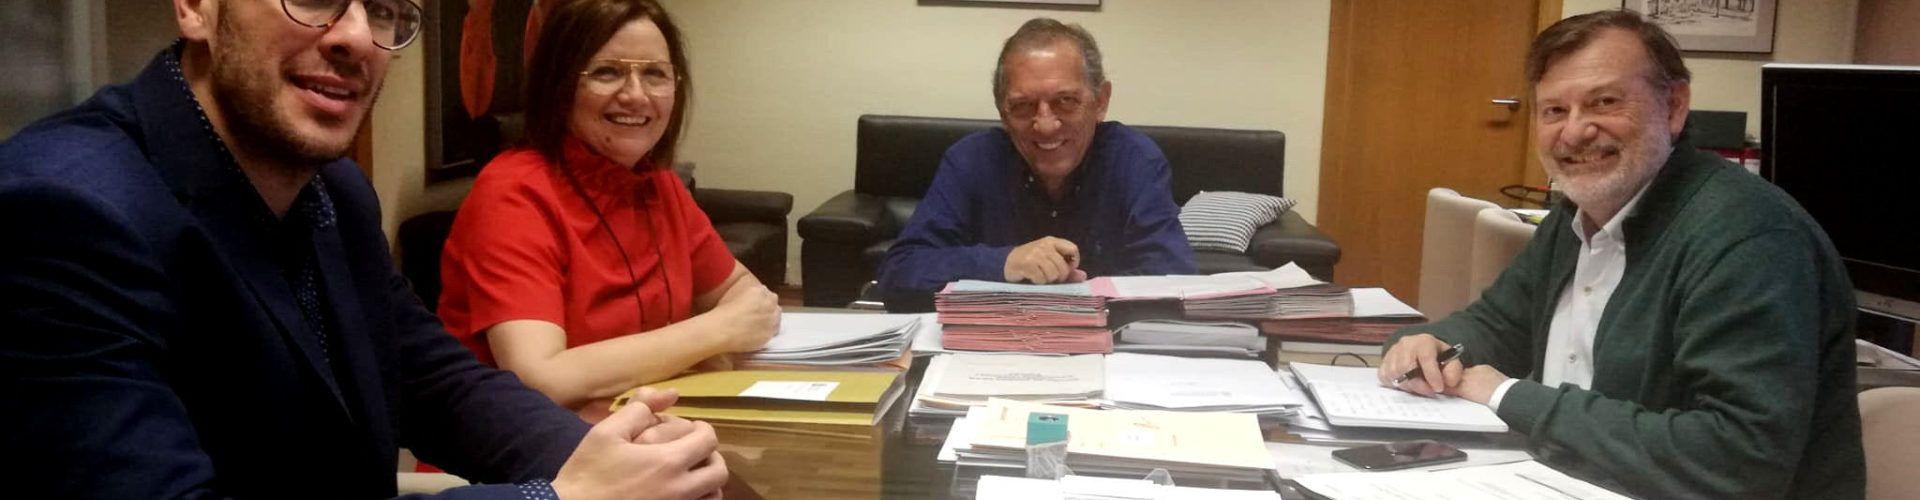 La Conselleria d'Educació dona llum verda al nou col·legi de Benicarló